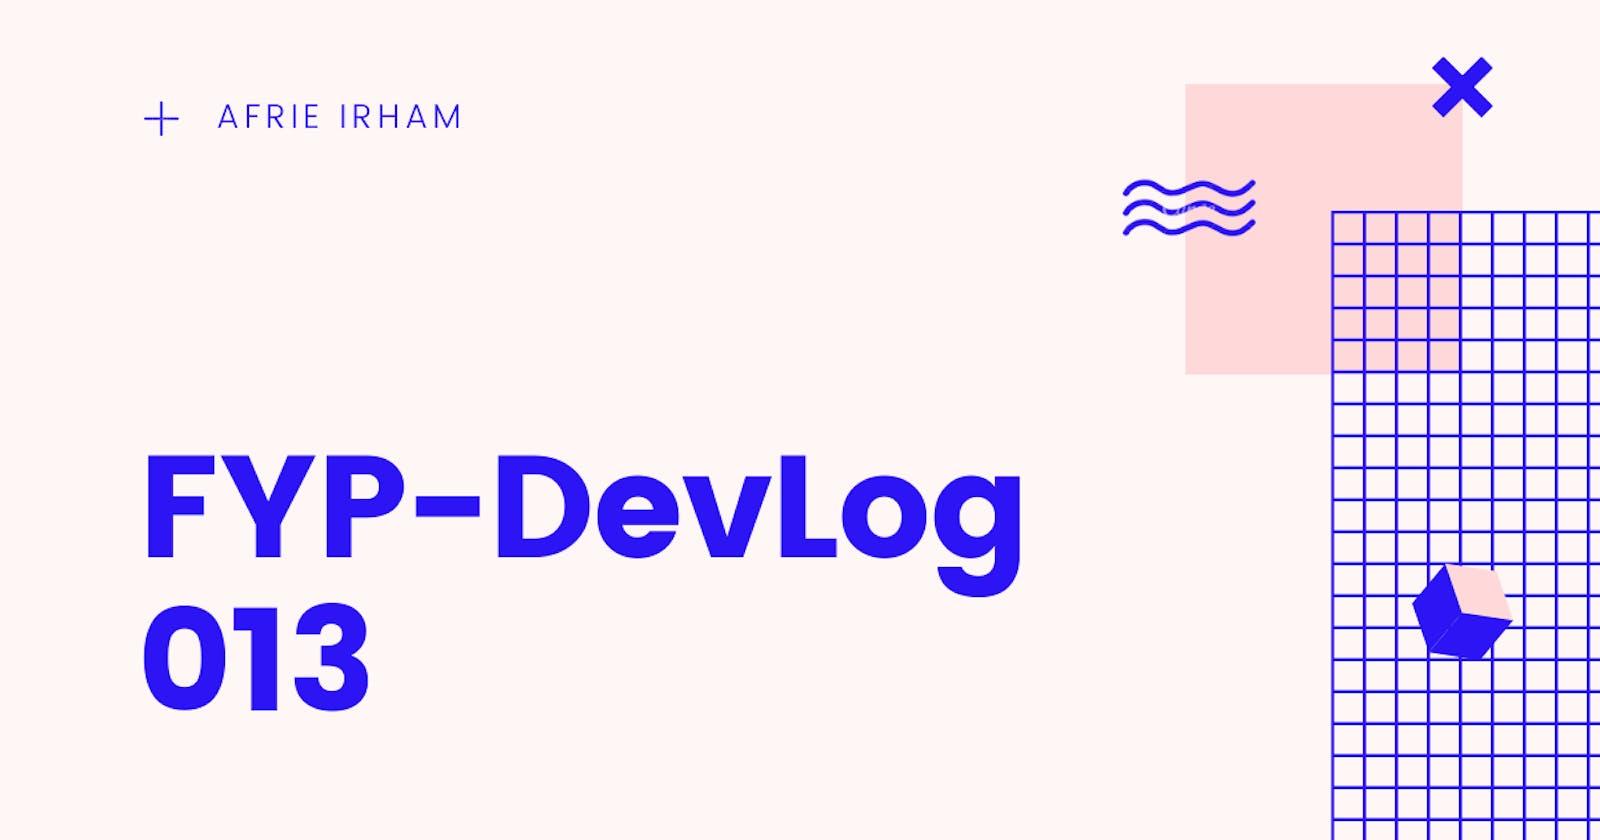 FYP-DevLog 013